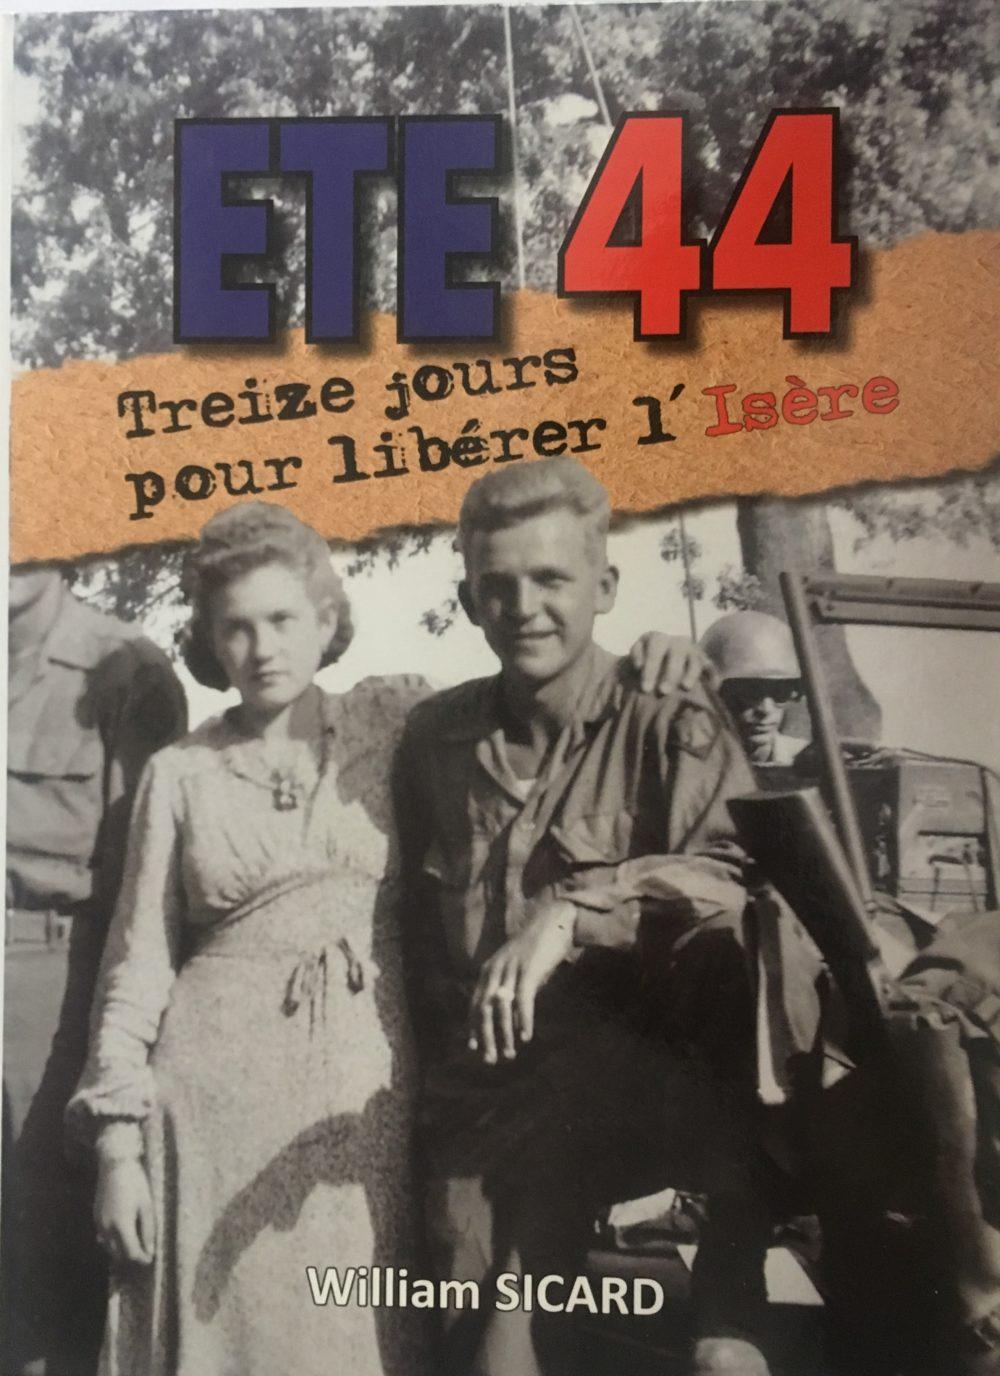 Ete 44